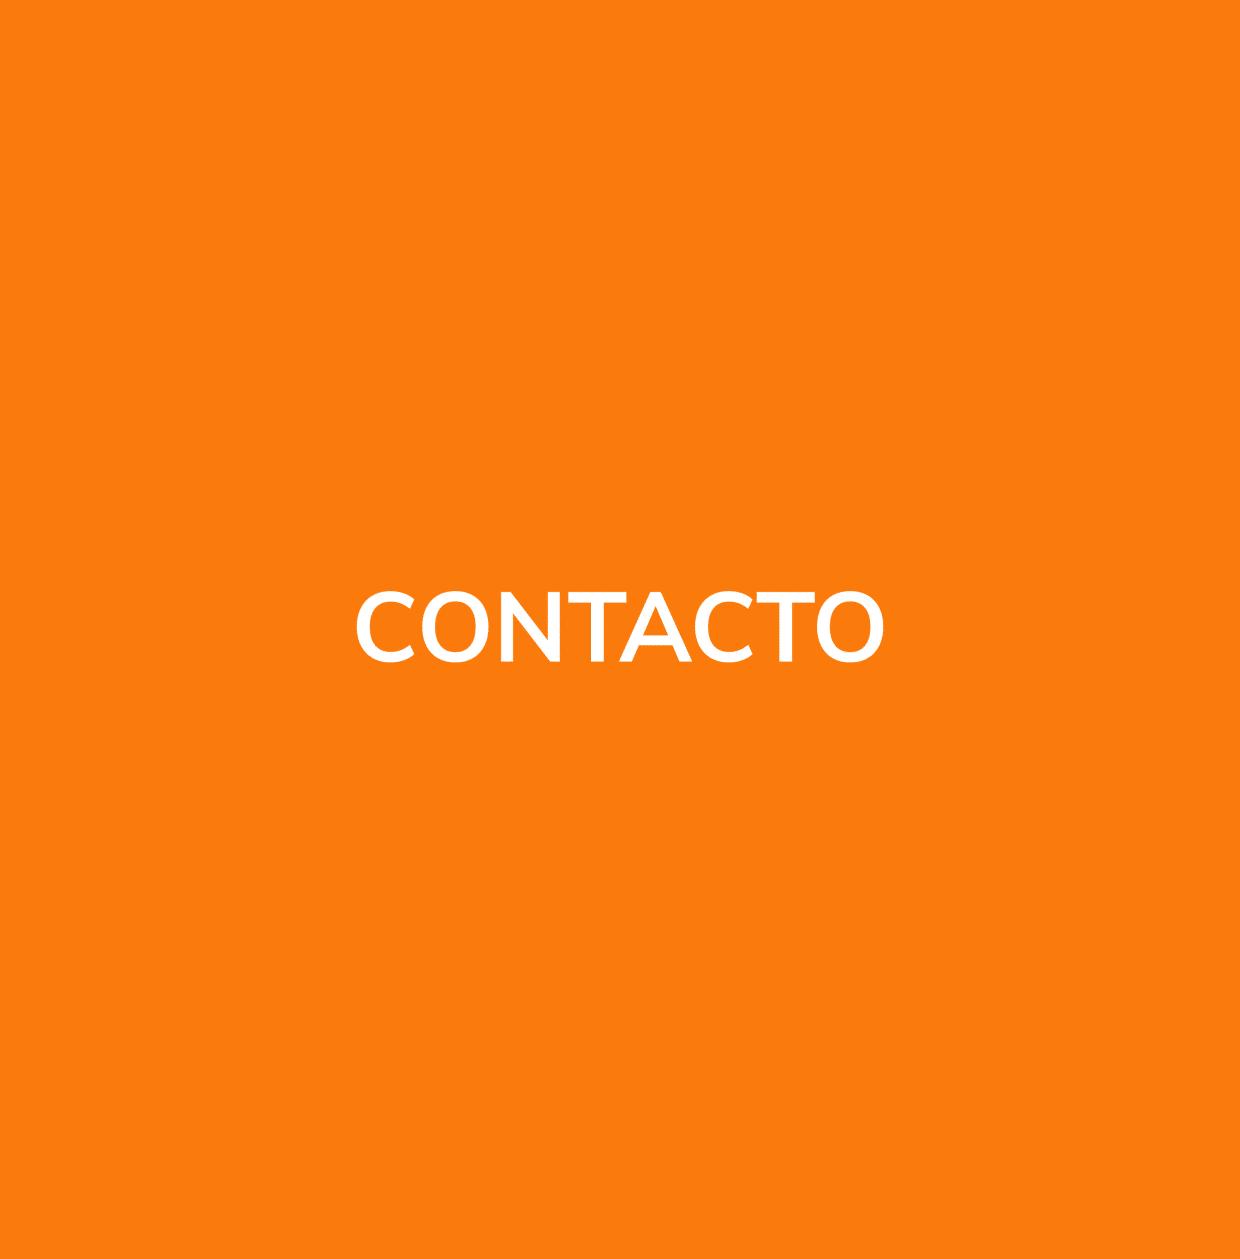 Contacto - qué incluye web